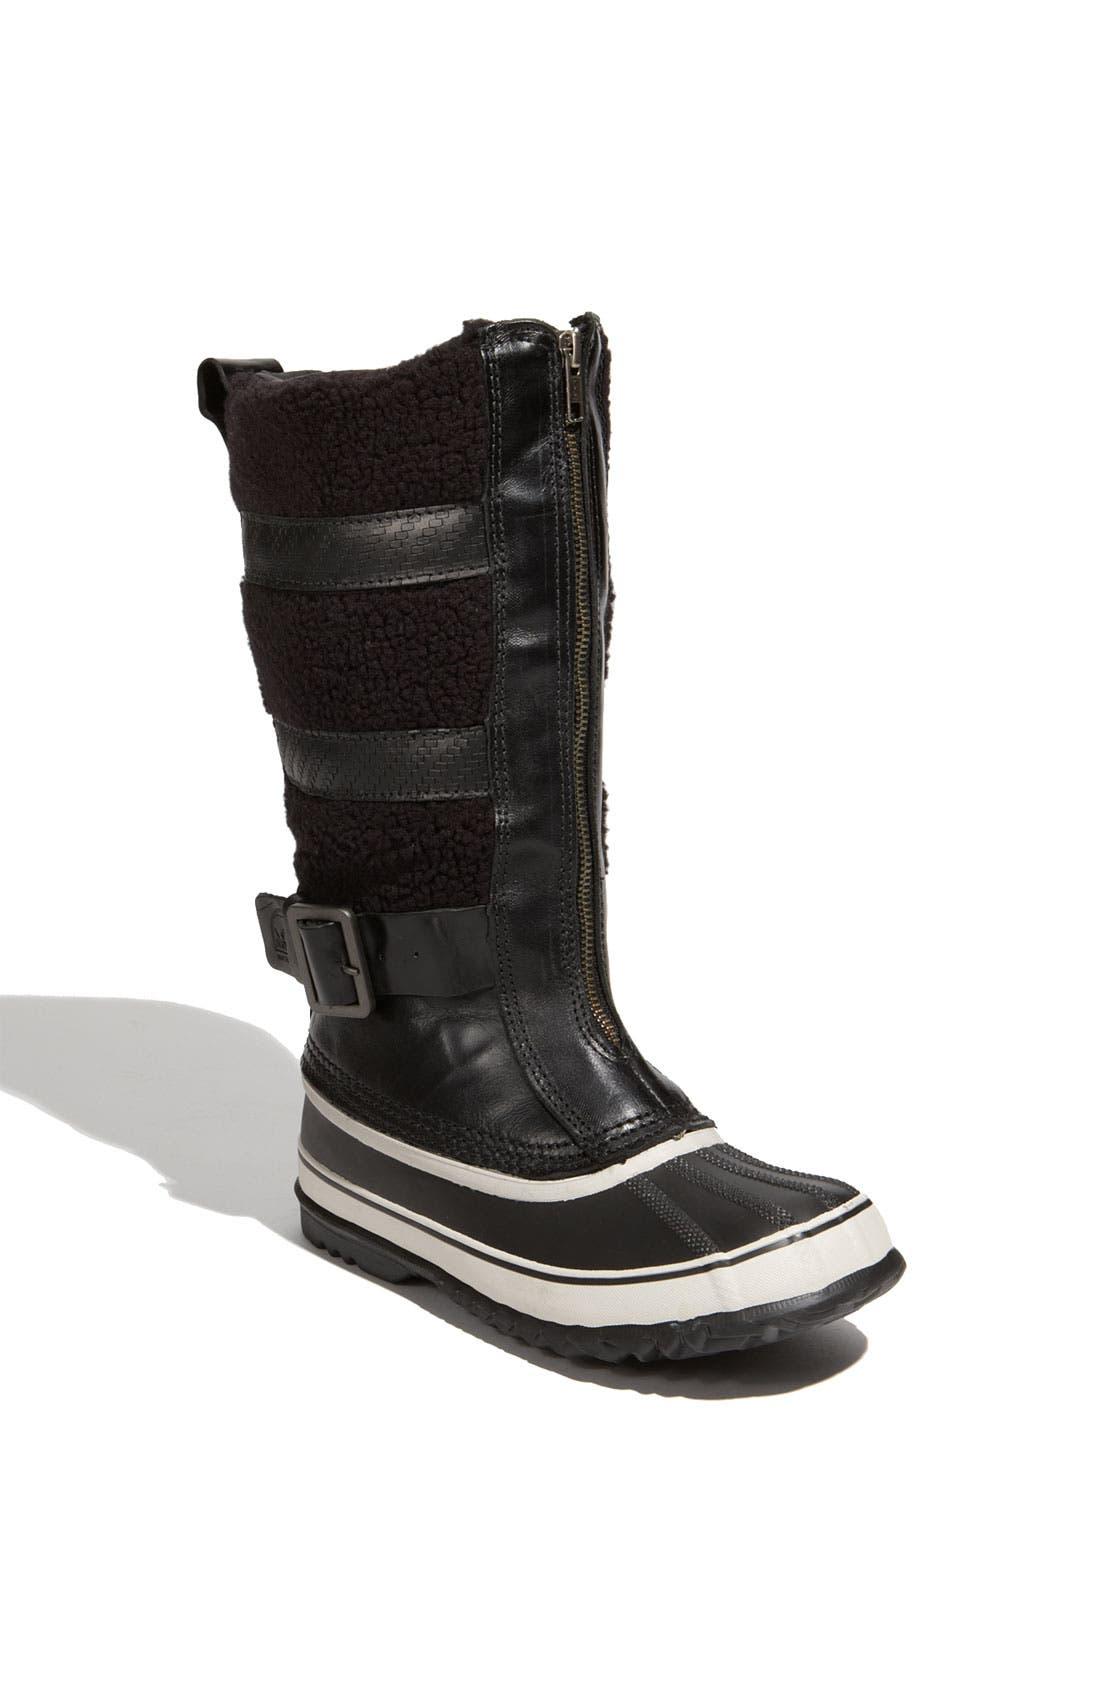 Main Image - Sorel 'Helen of Tundra II Boot'